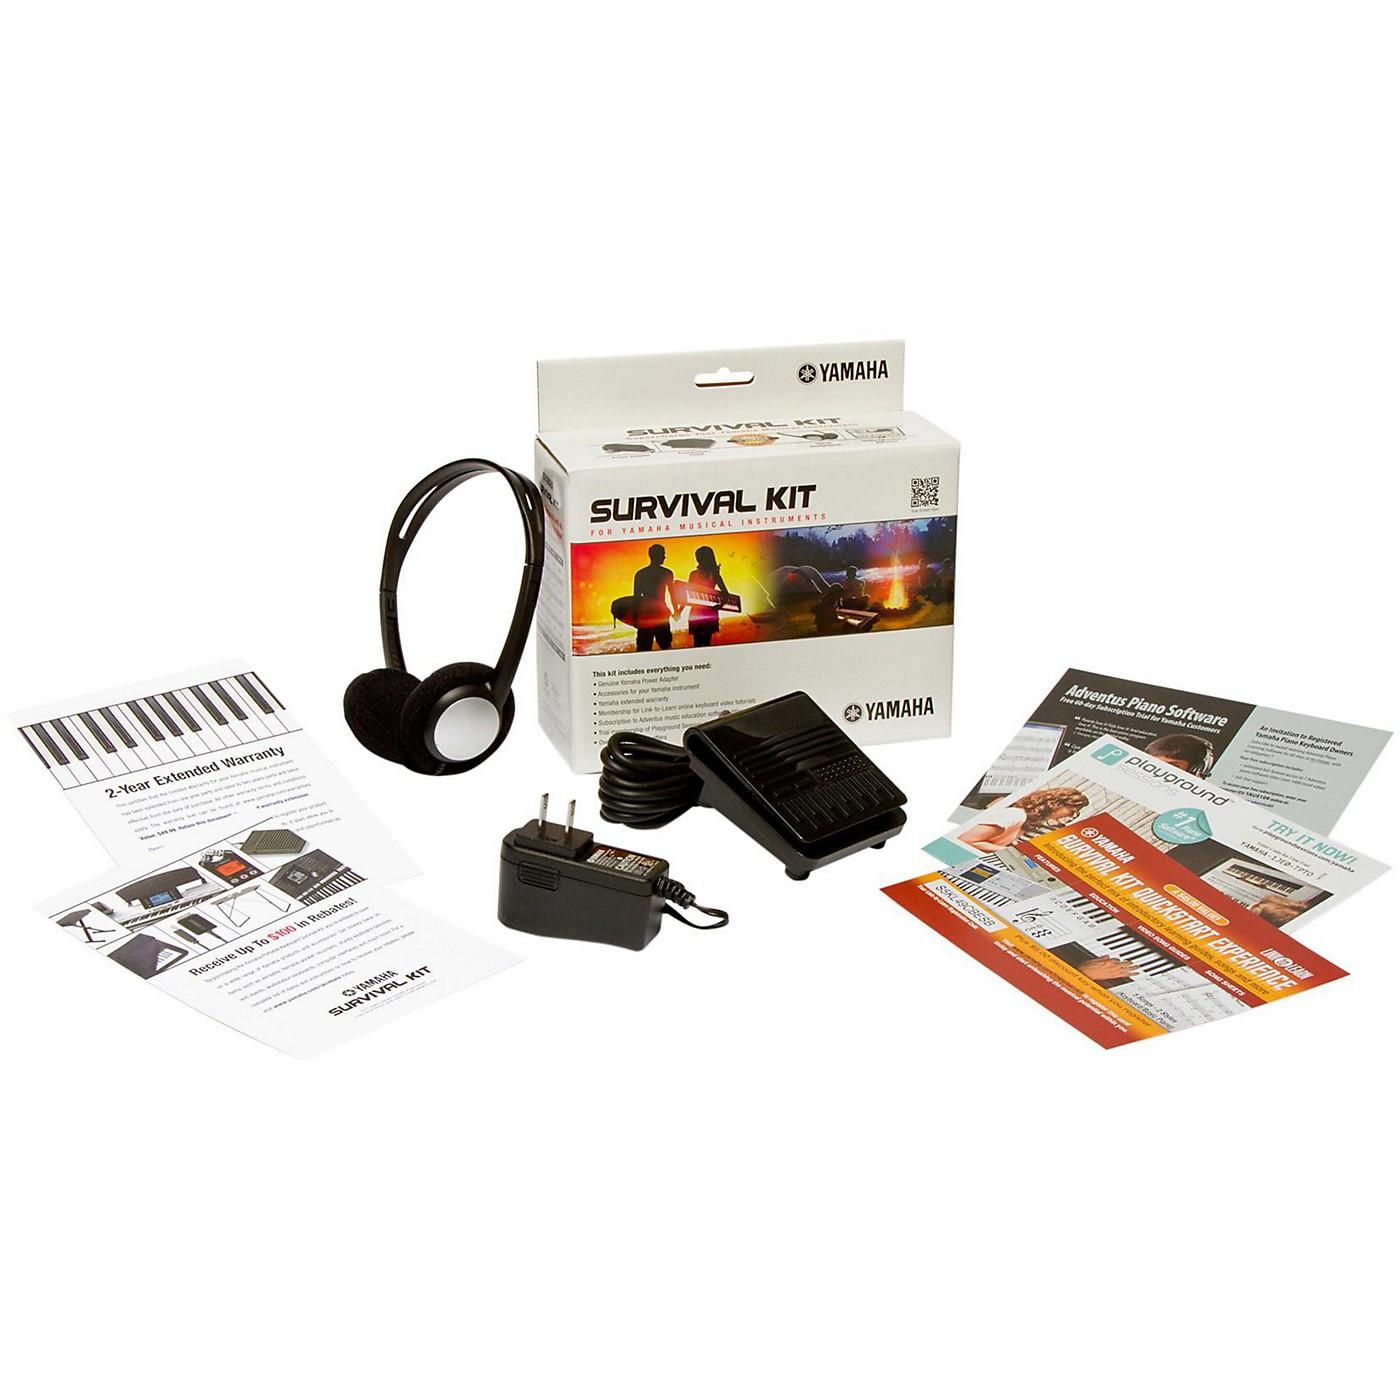 Yamaha Survival Kit B2 for PSR-E273, PSR-E373, PSR-EW310 and NP-12 thumbnail